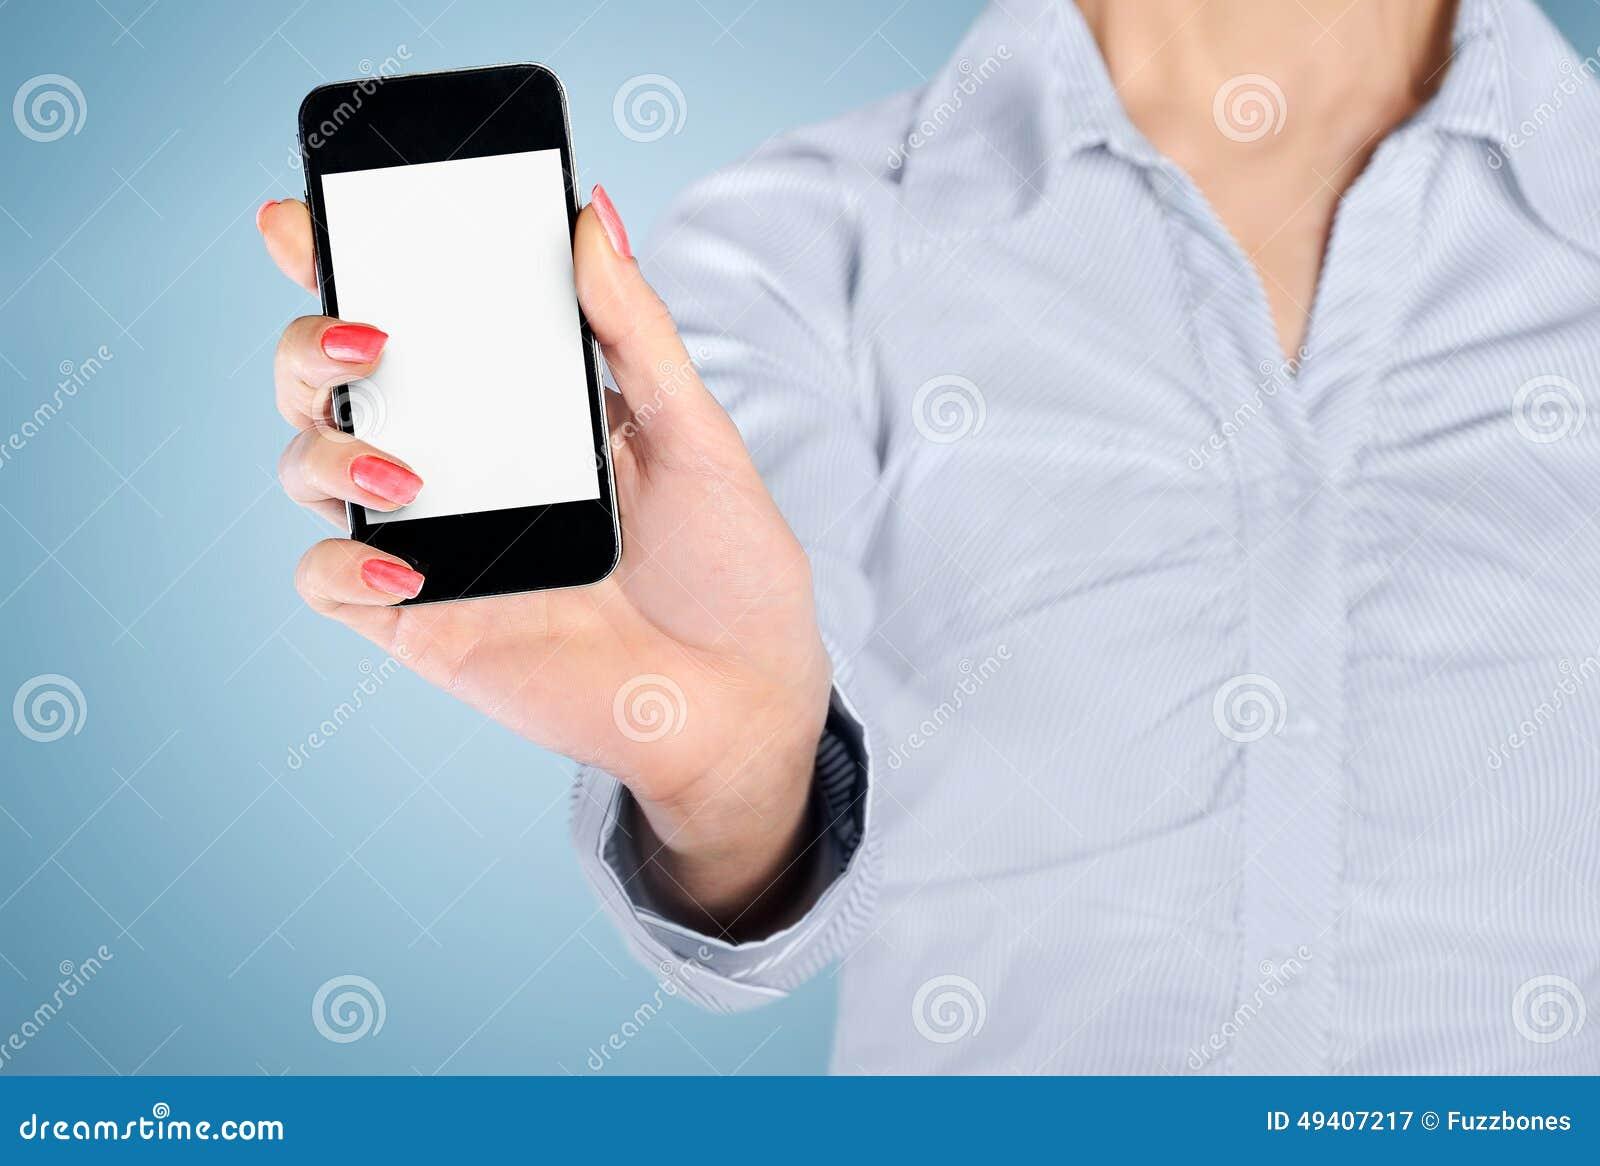 Download Telefonschirm stockbild. Bild von holding, gerät, bildschirmanzeige - 49407217